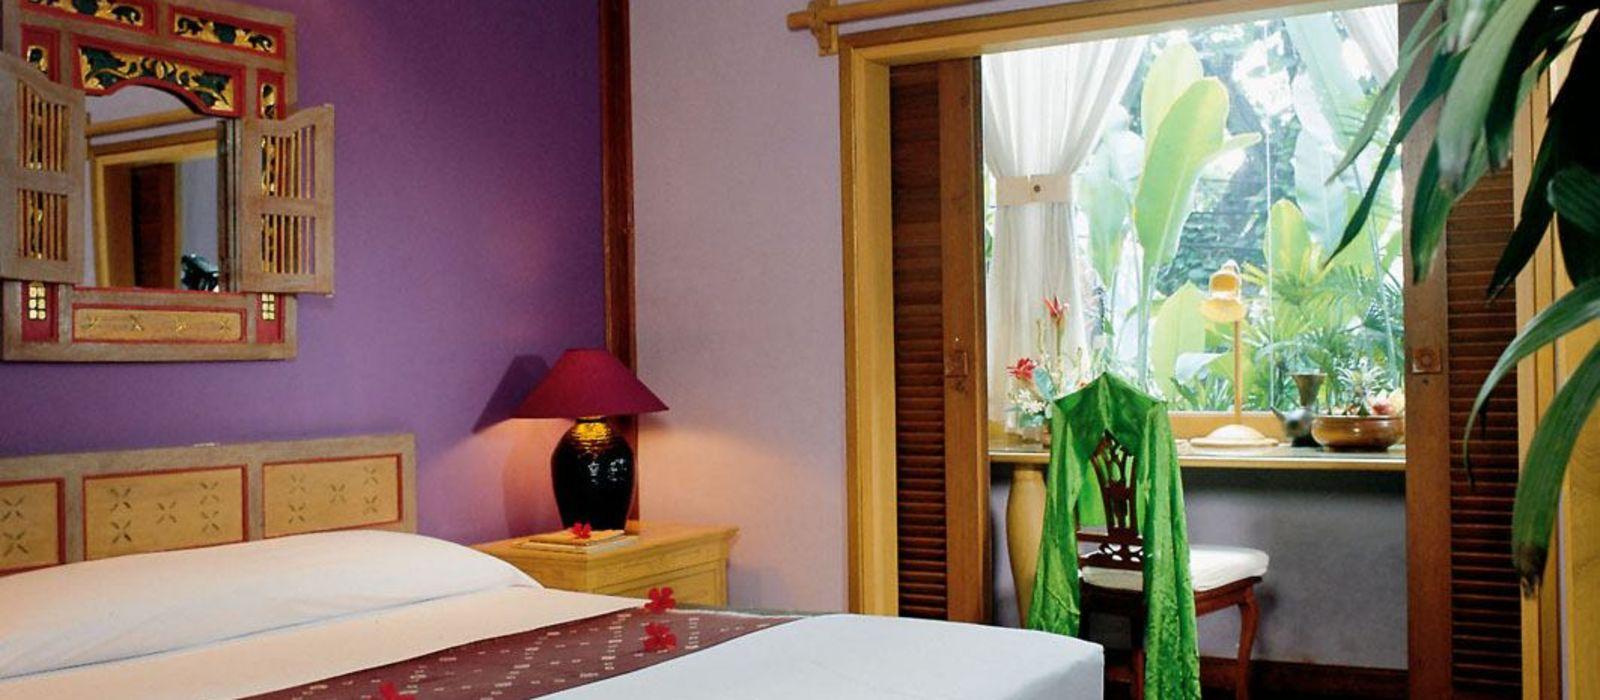 Hotel Tugu Malang Indonesia